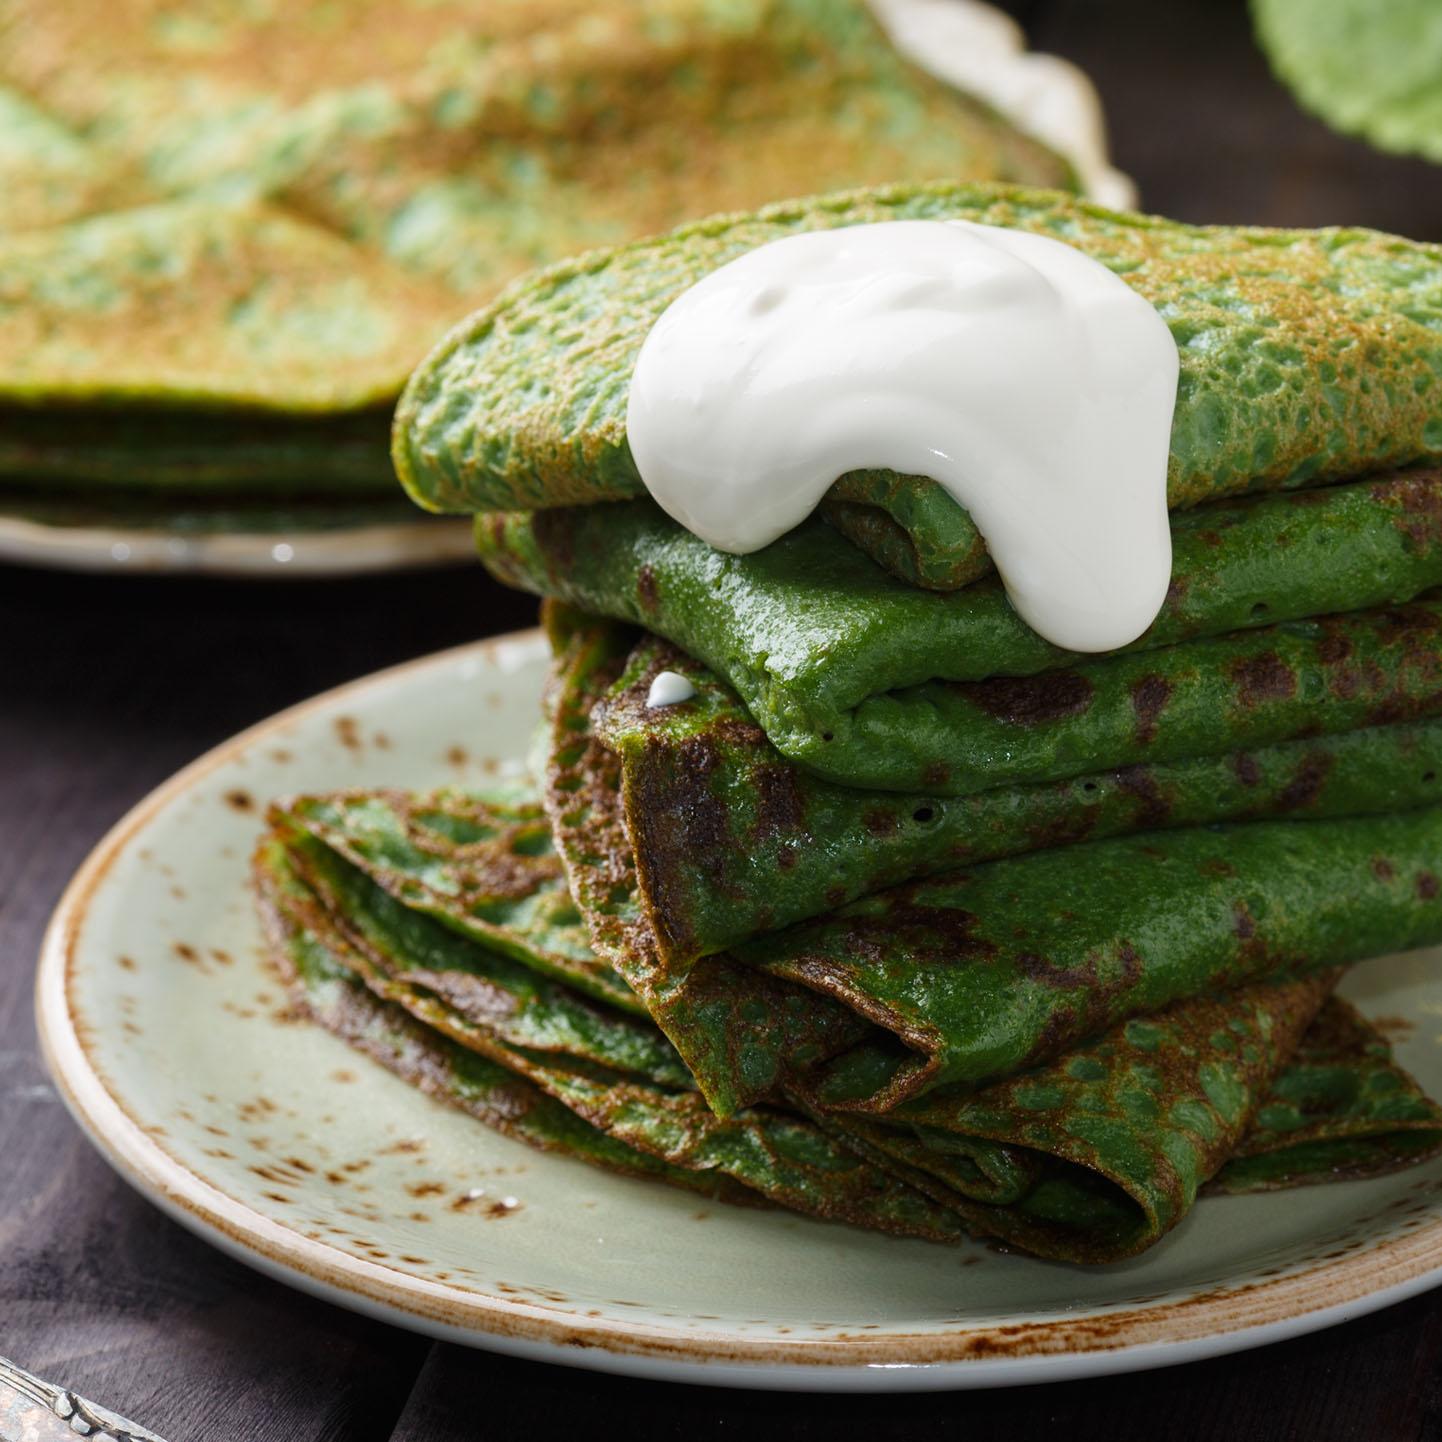 Receitas frescas e divertidas para as férias - Panquecas de espinafres